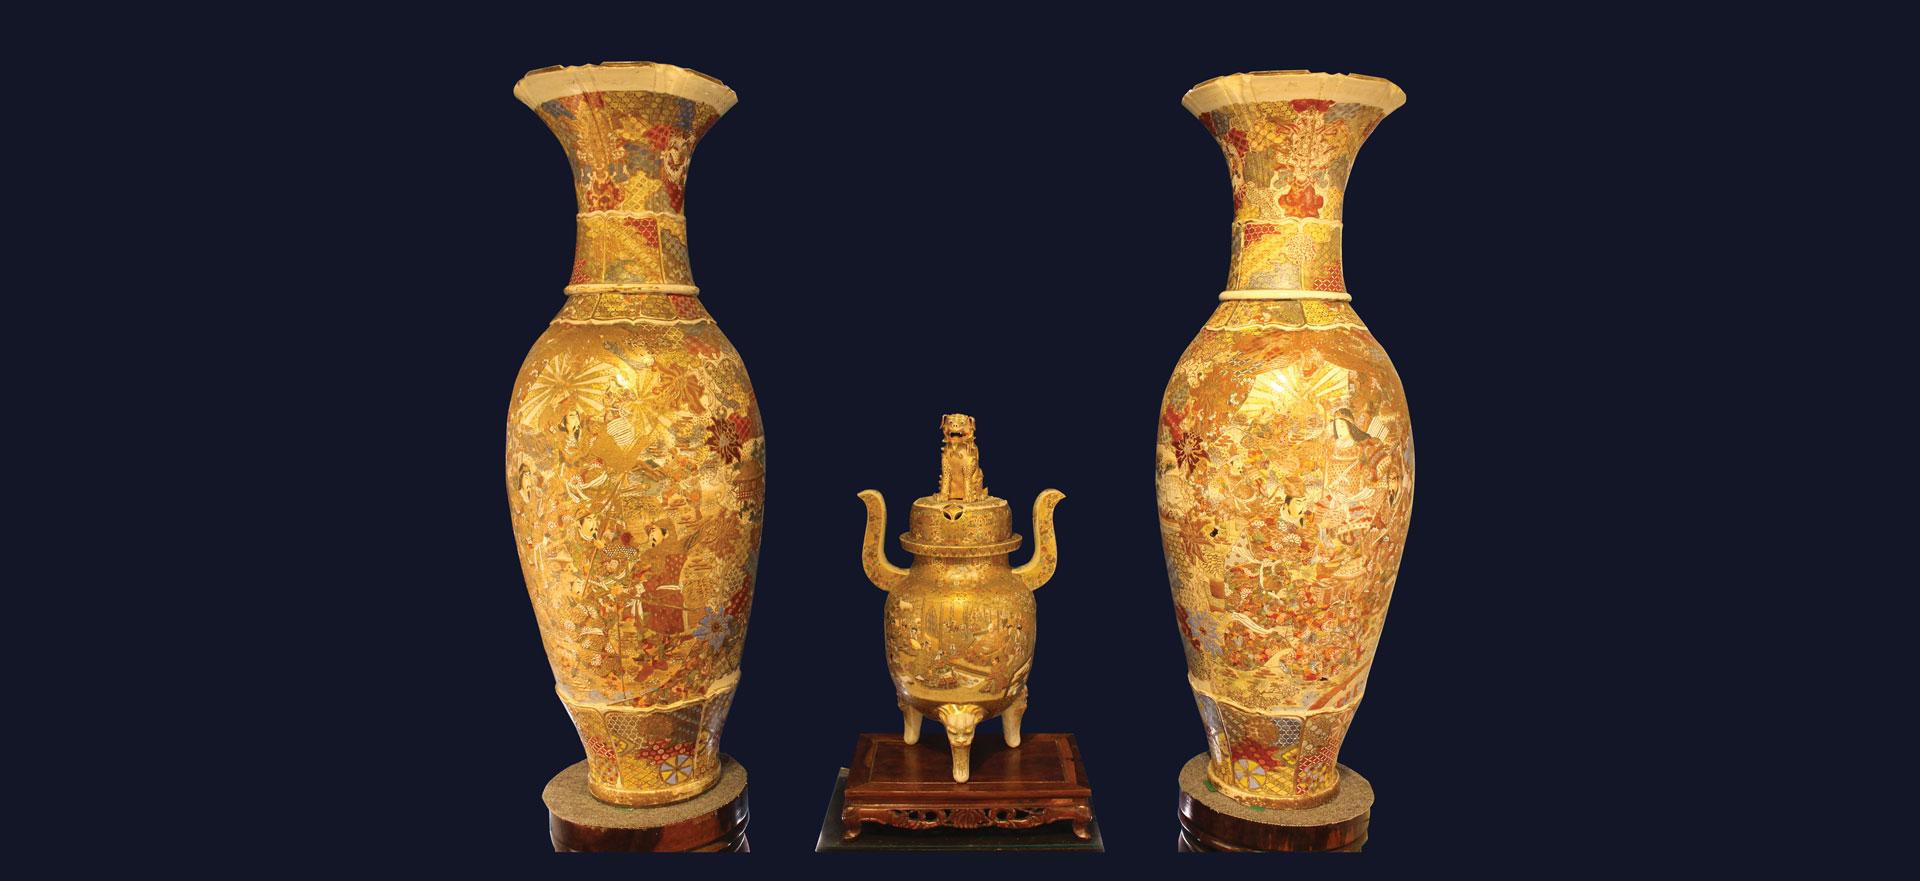 Gặp gỡ nhóm sưu tập gốm cổ Nhật ảnh 4